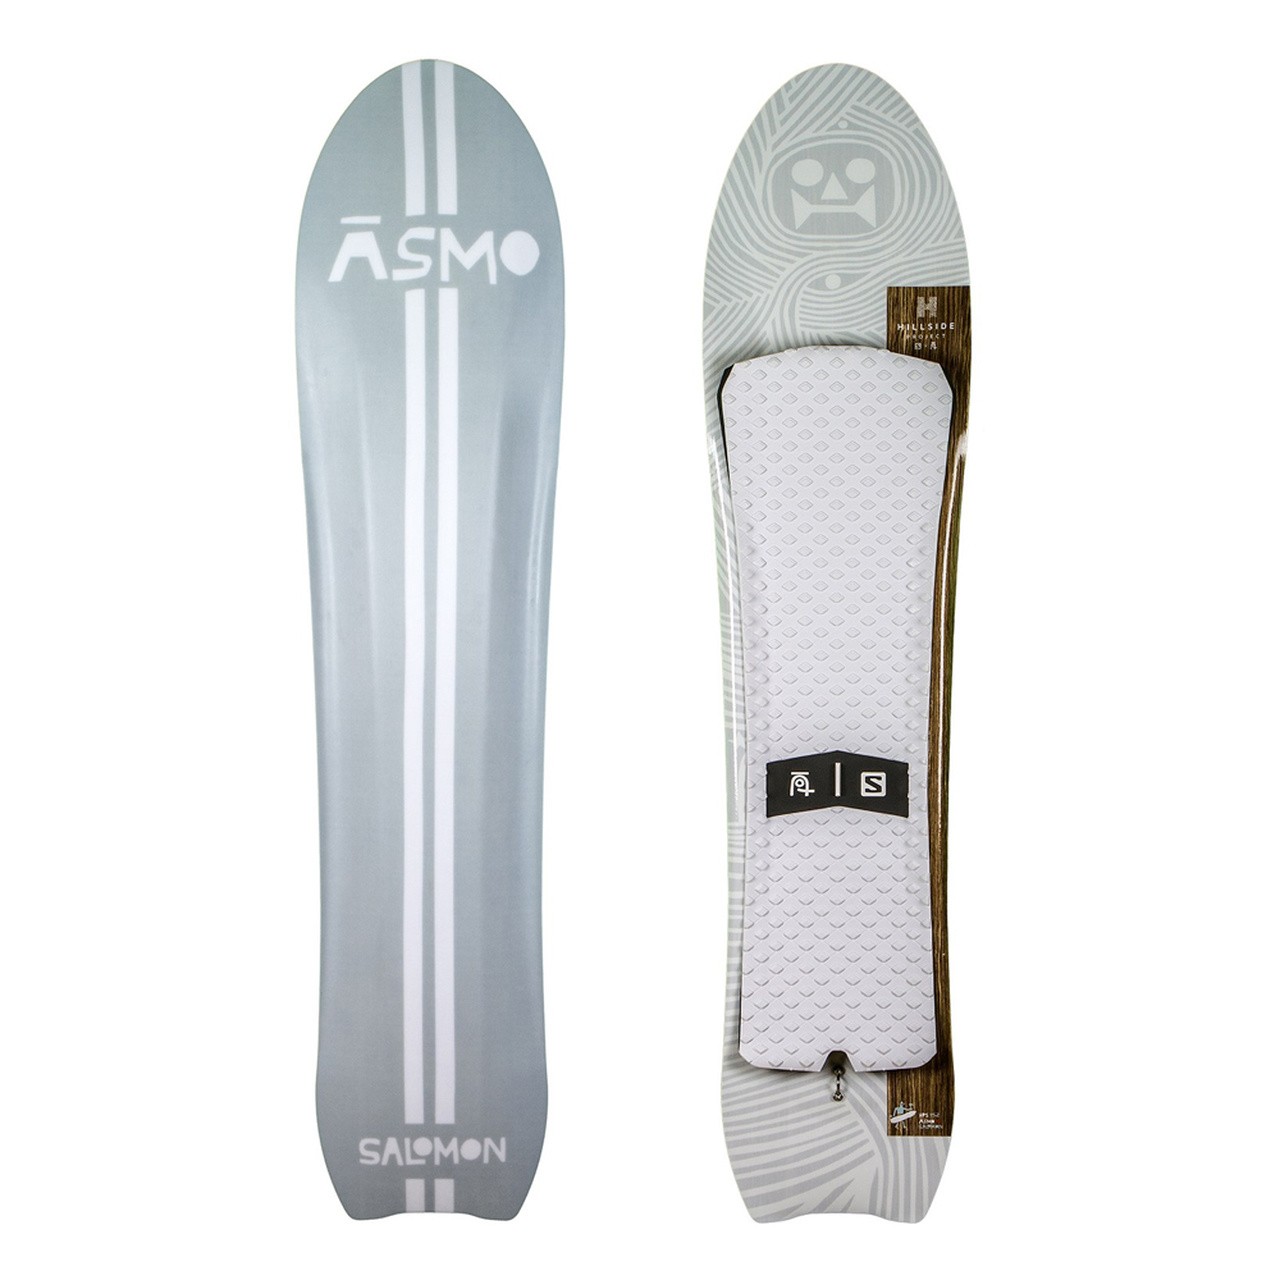 Salomon 20 SALOMON X ÄSMO POW SURF